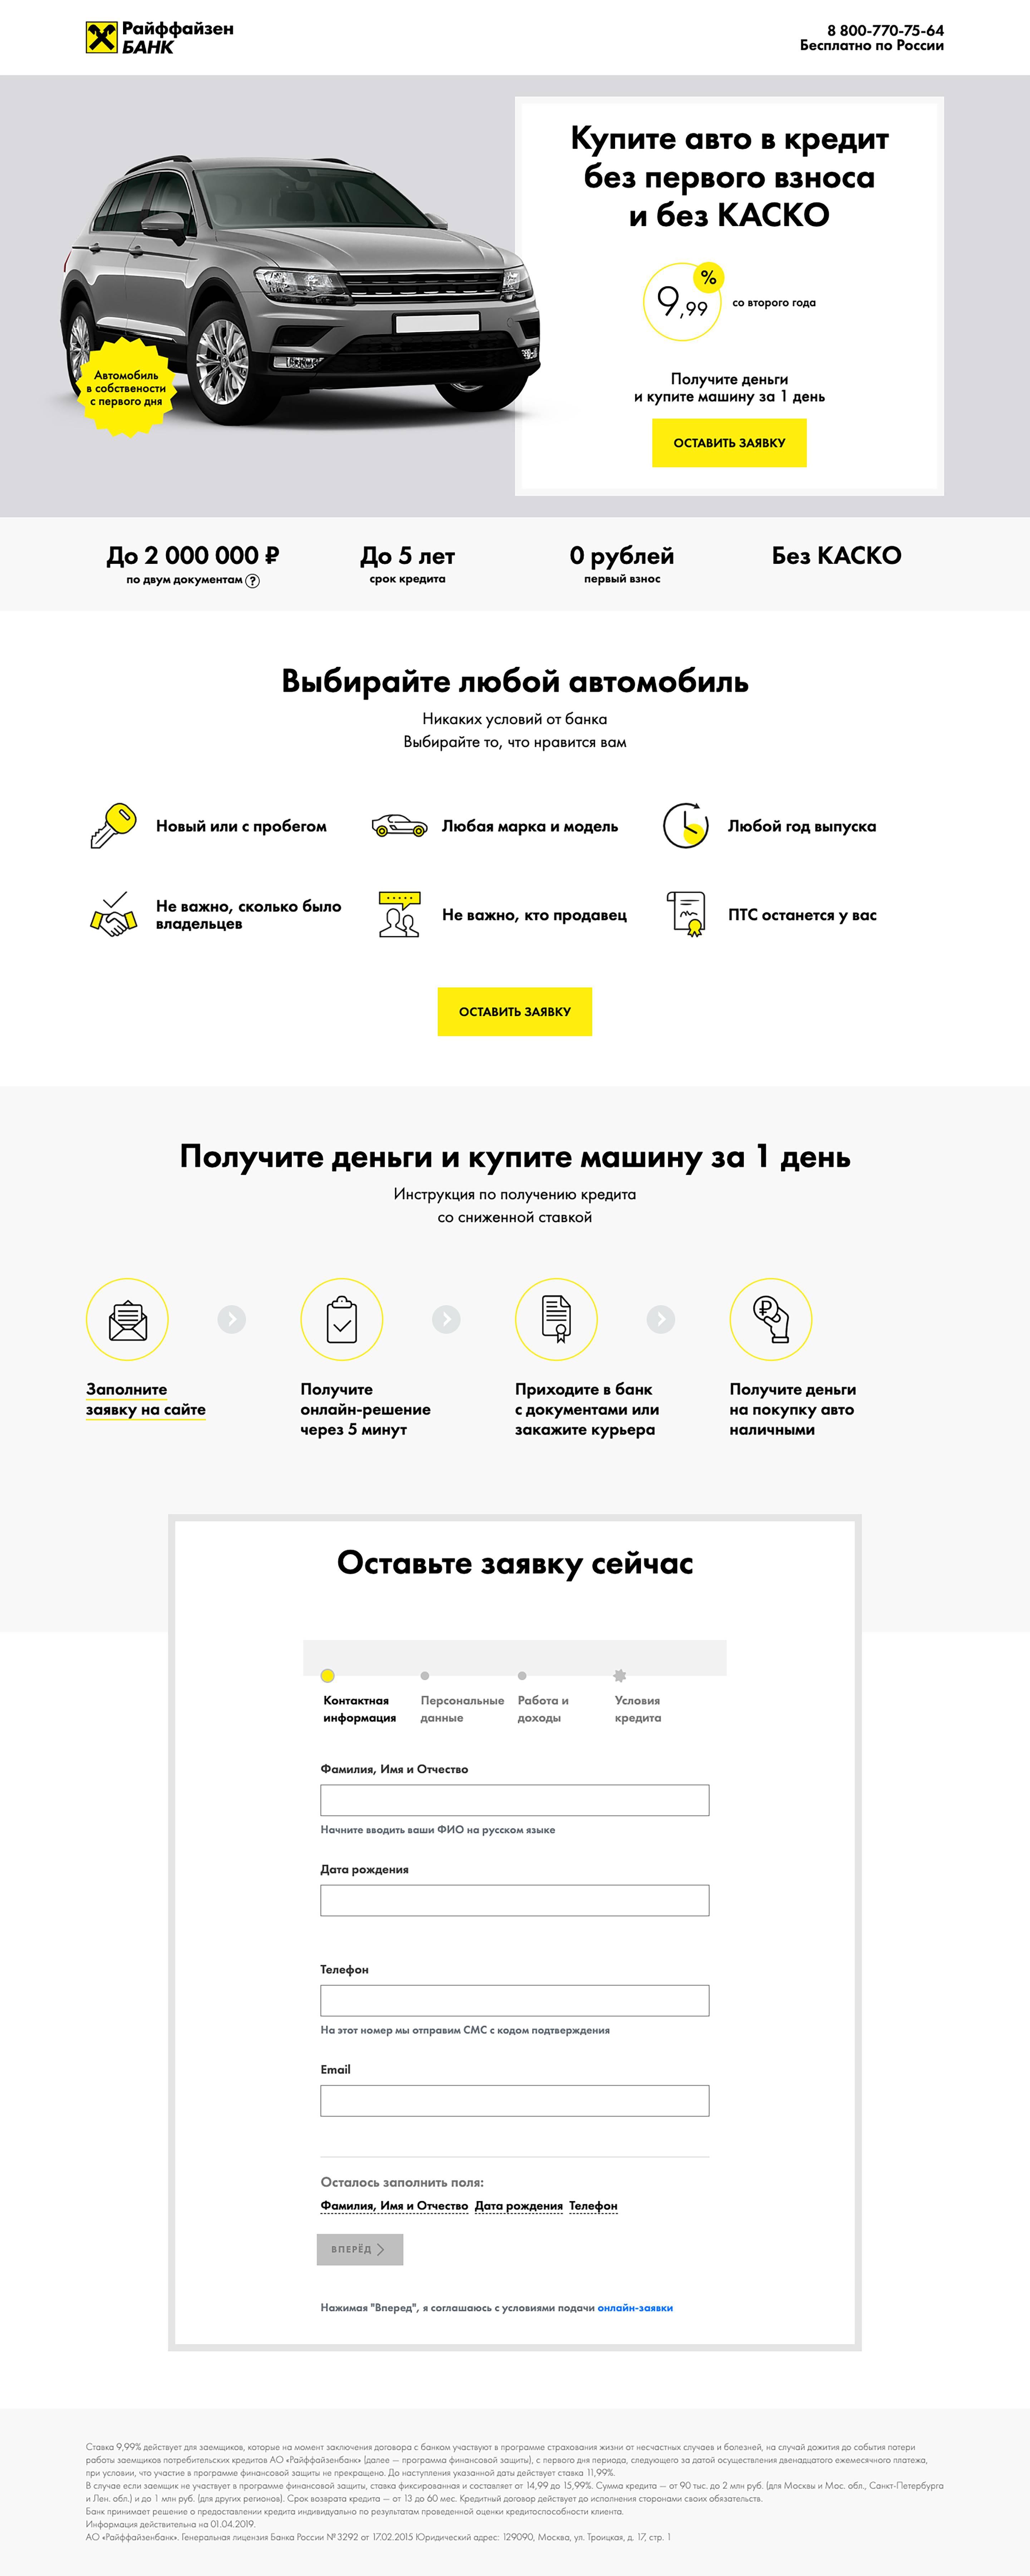 Landing page design for Raiffeisenbank